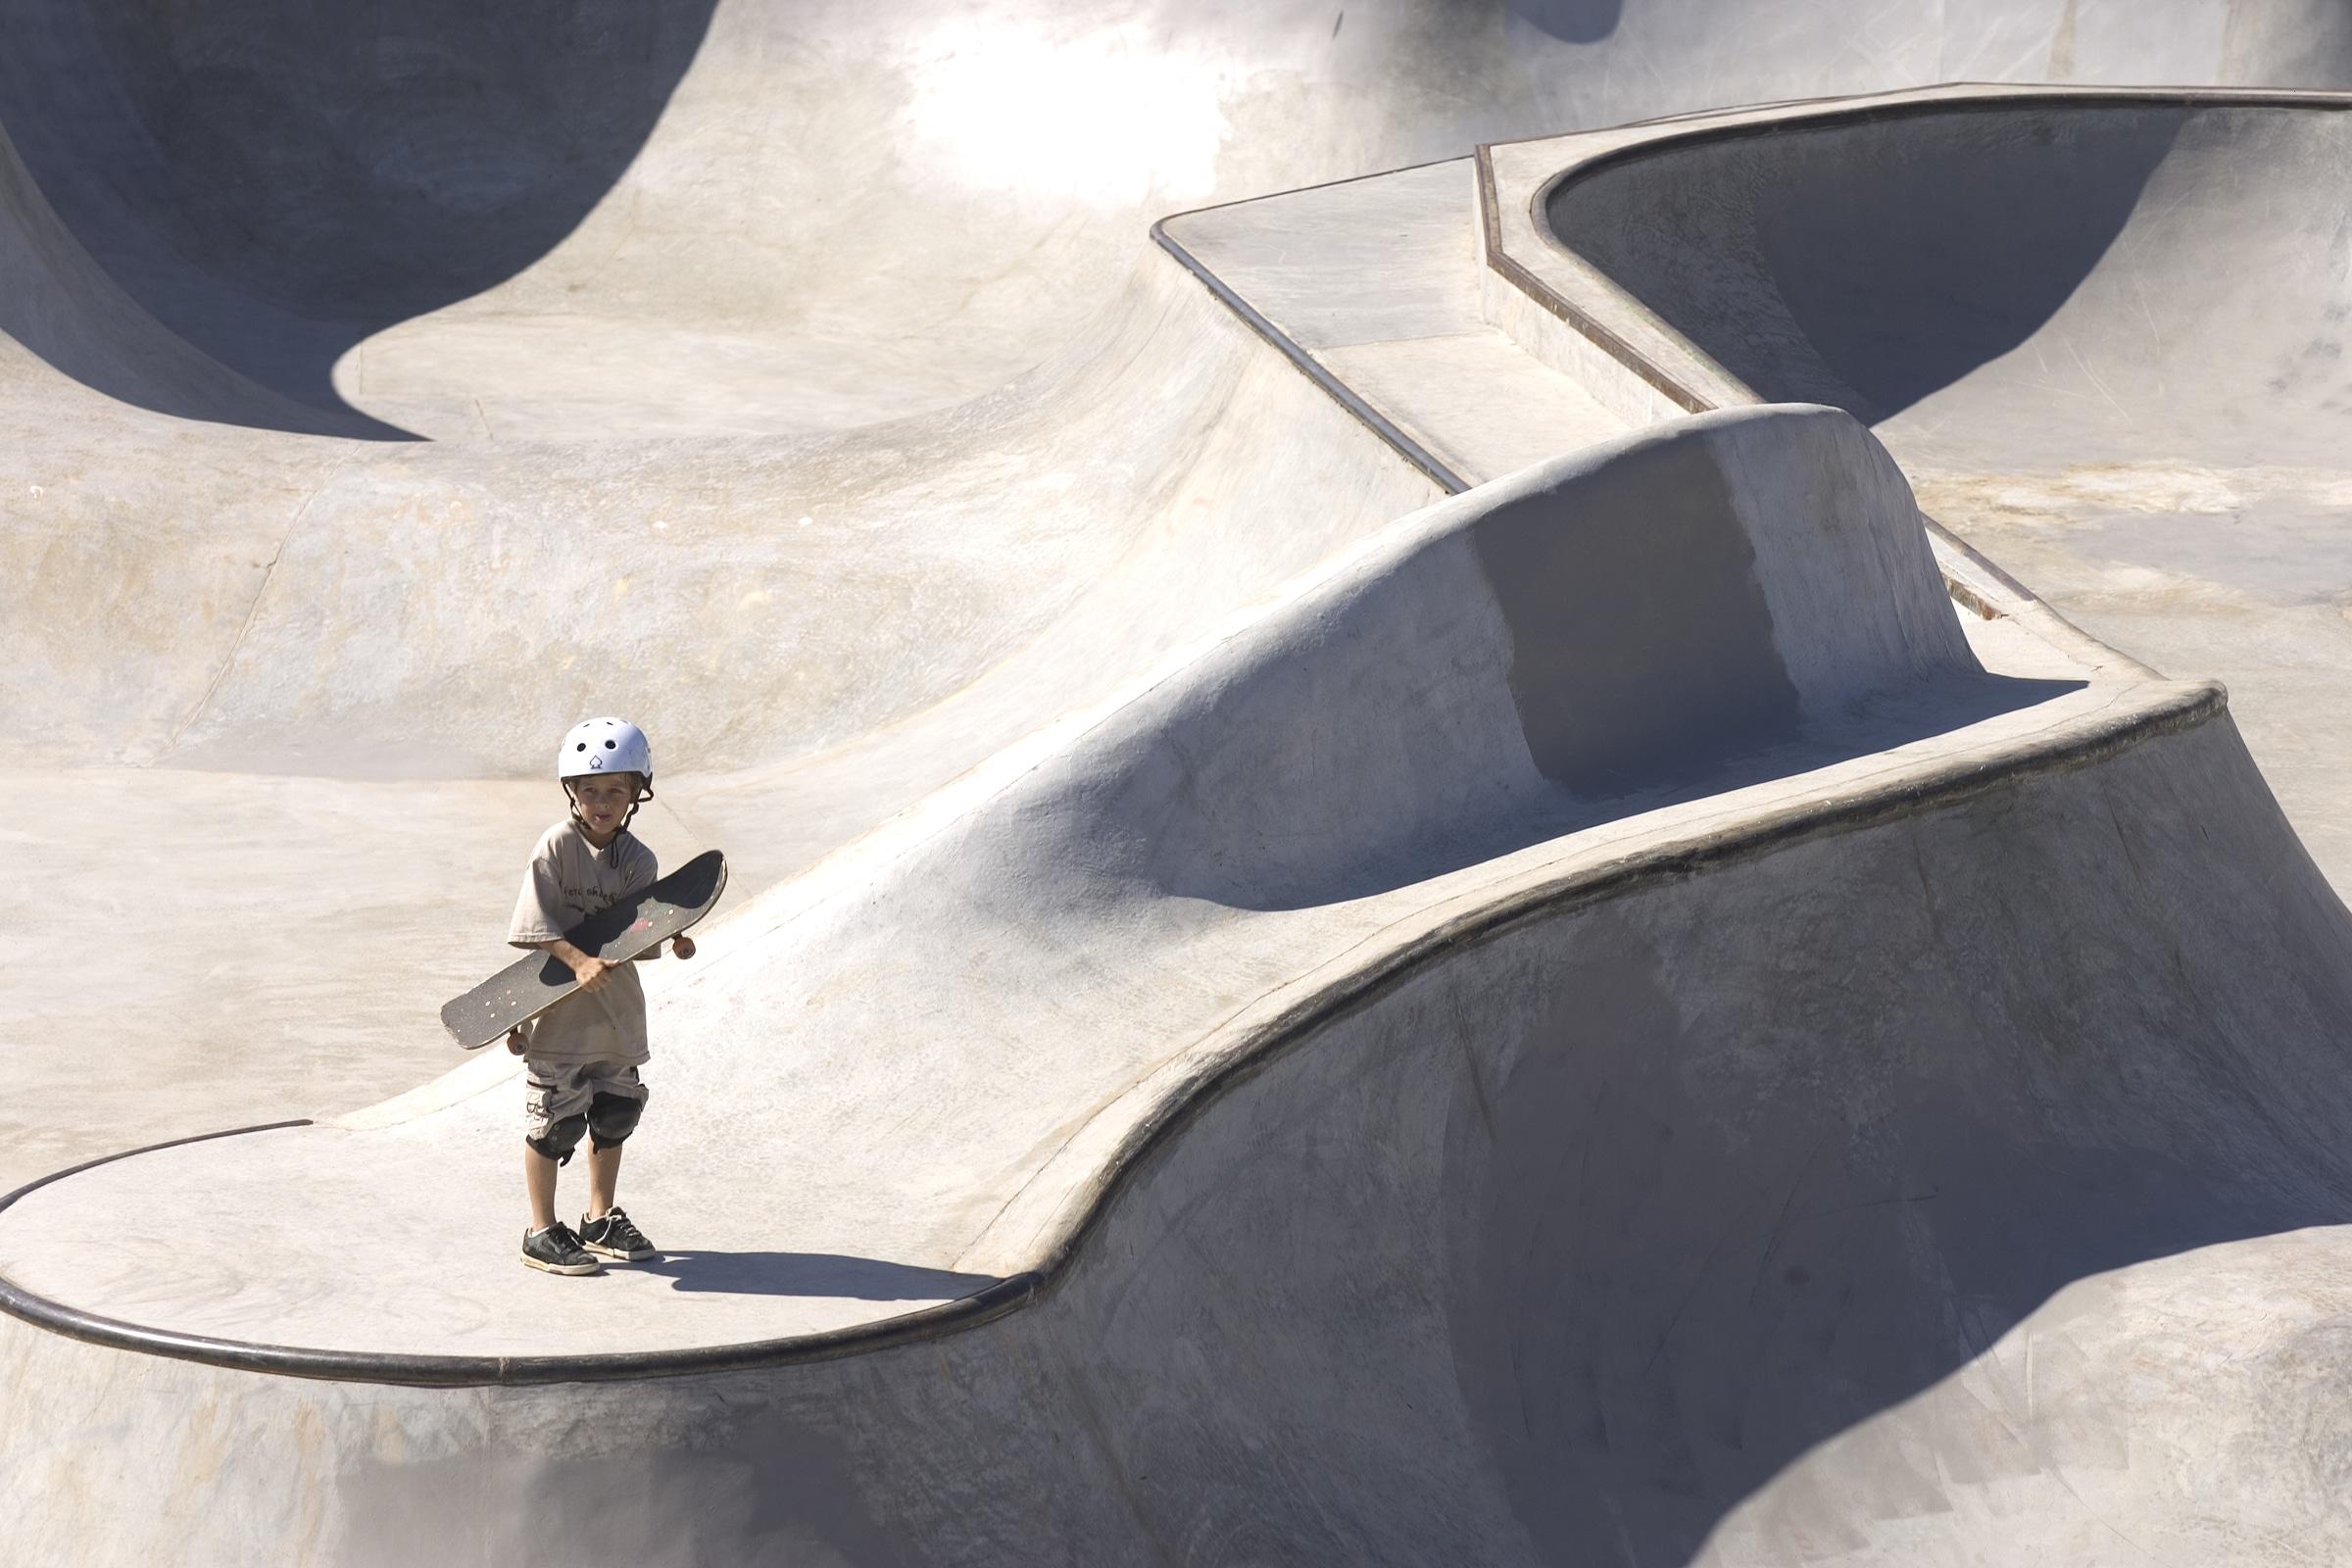 A young skater enjoys the Athens, Georgia skatepark